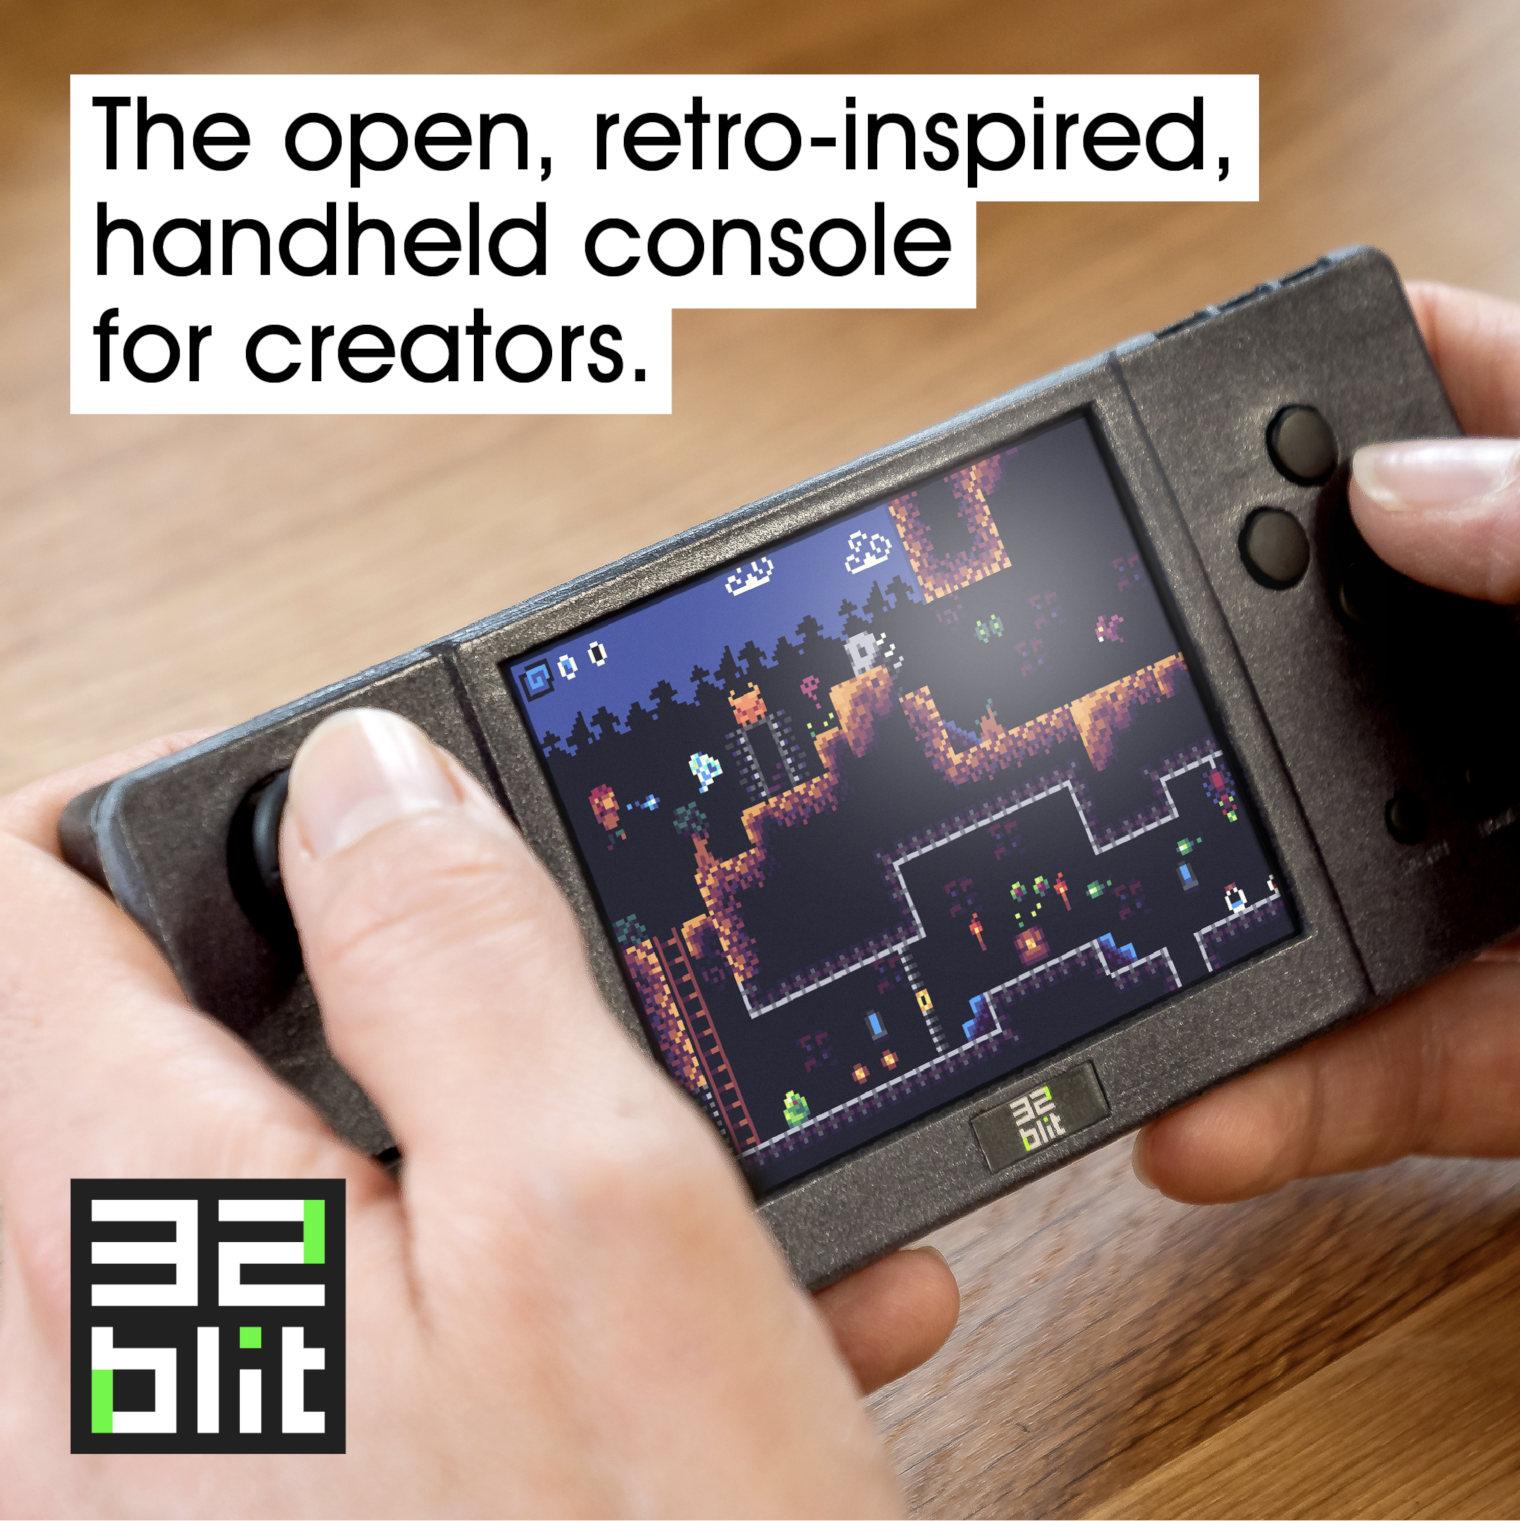 La console 32Blit